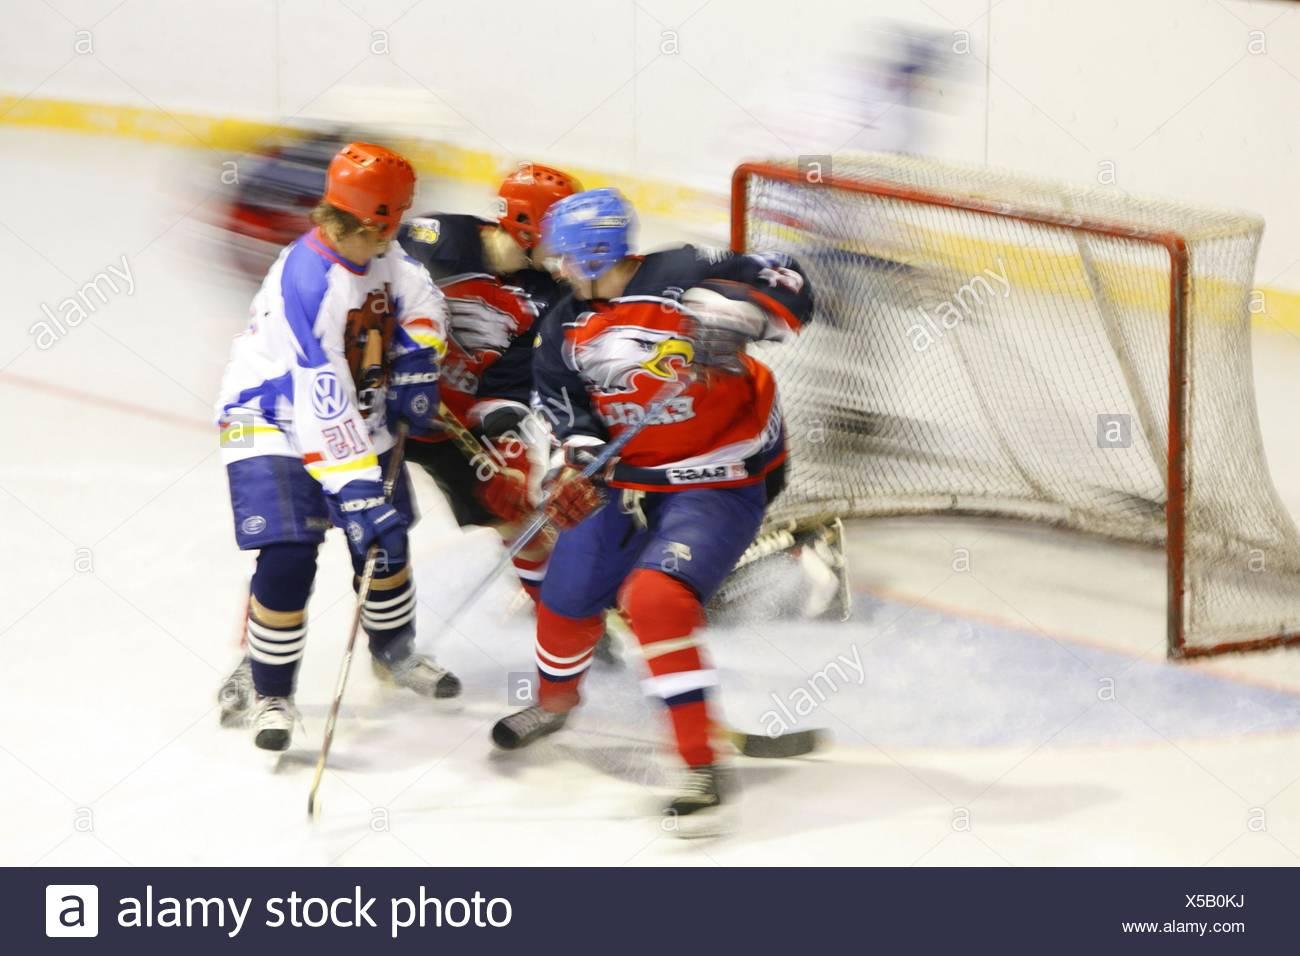 Eishockey, Spielszene, Eishockeyspiel, Spieler, Spiel, Mannschaftspiel, Sport, Mannschaftssport, sportlich, Hobby, Freizeit, Sch - Stock Image